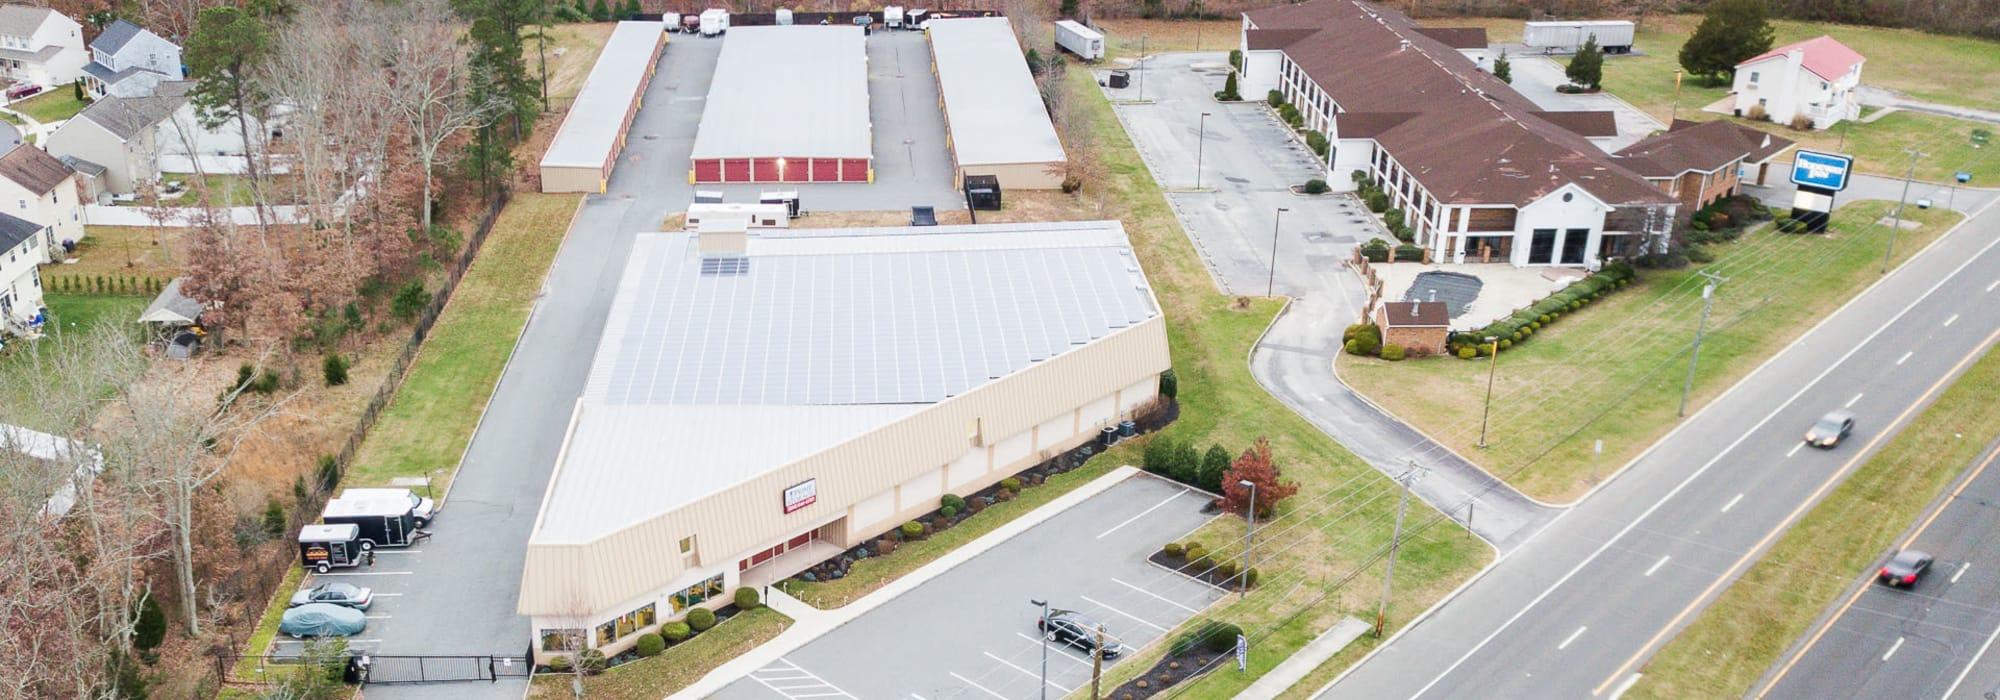 Prime Storage in Egg Harbor Township, NJ